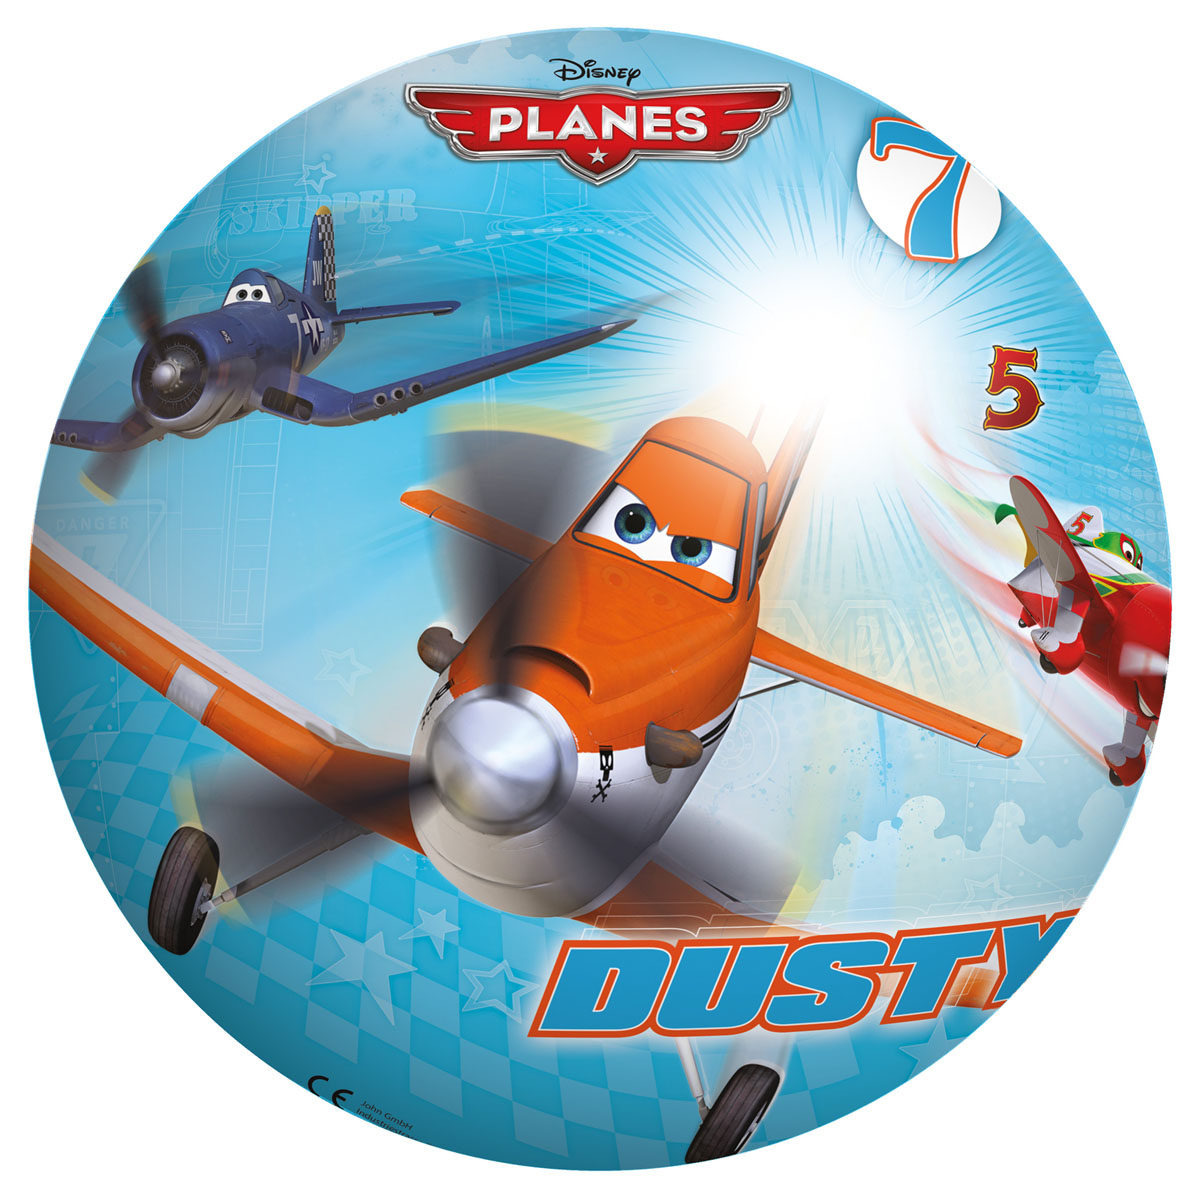 """Яркий детский мяч John """"Самолеты"""" - это игрушка для детей любого возраста. Он выполнен из вспененного полимера и оформлен изображениями персонажей одноименного мультфильма. Мяч незаменим для любителей подвижных игр и активного отдыха, подходит для игр на воде. Игры с мячом развивают координацию движений, способствуют физическому развитию ребенка."""